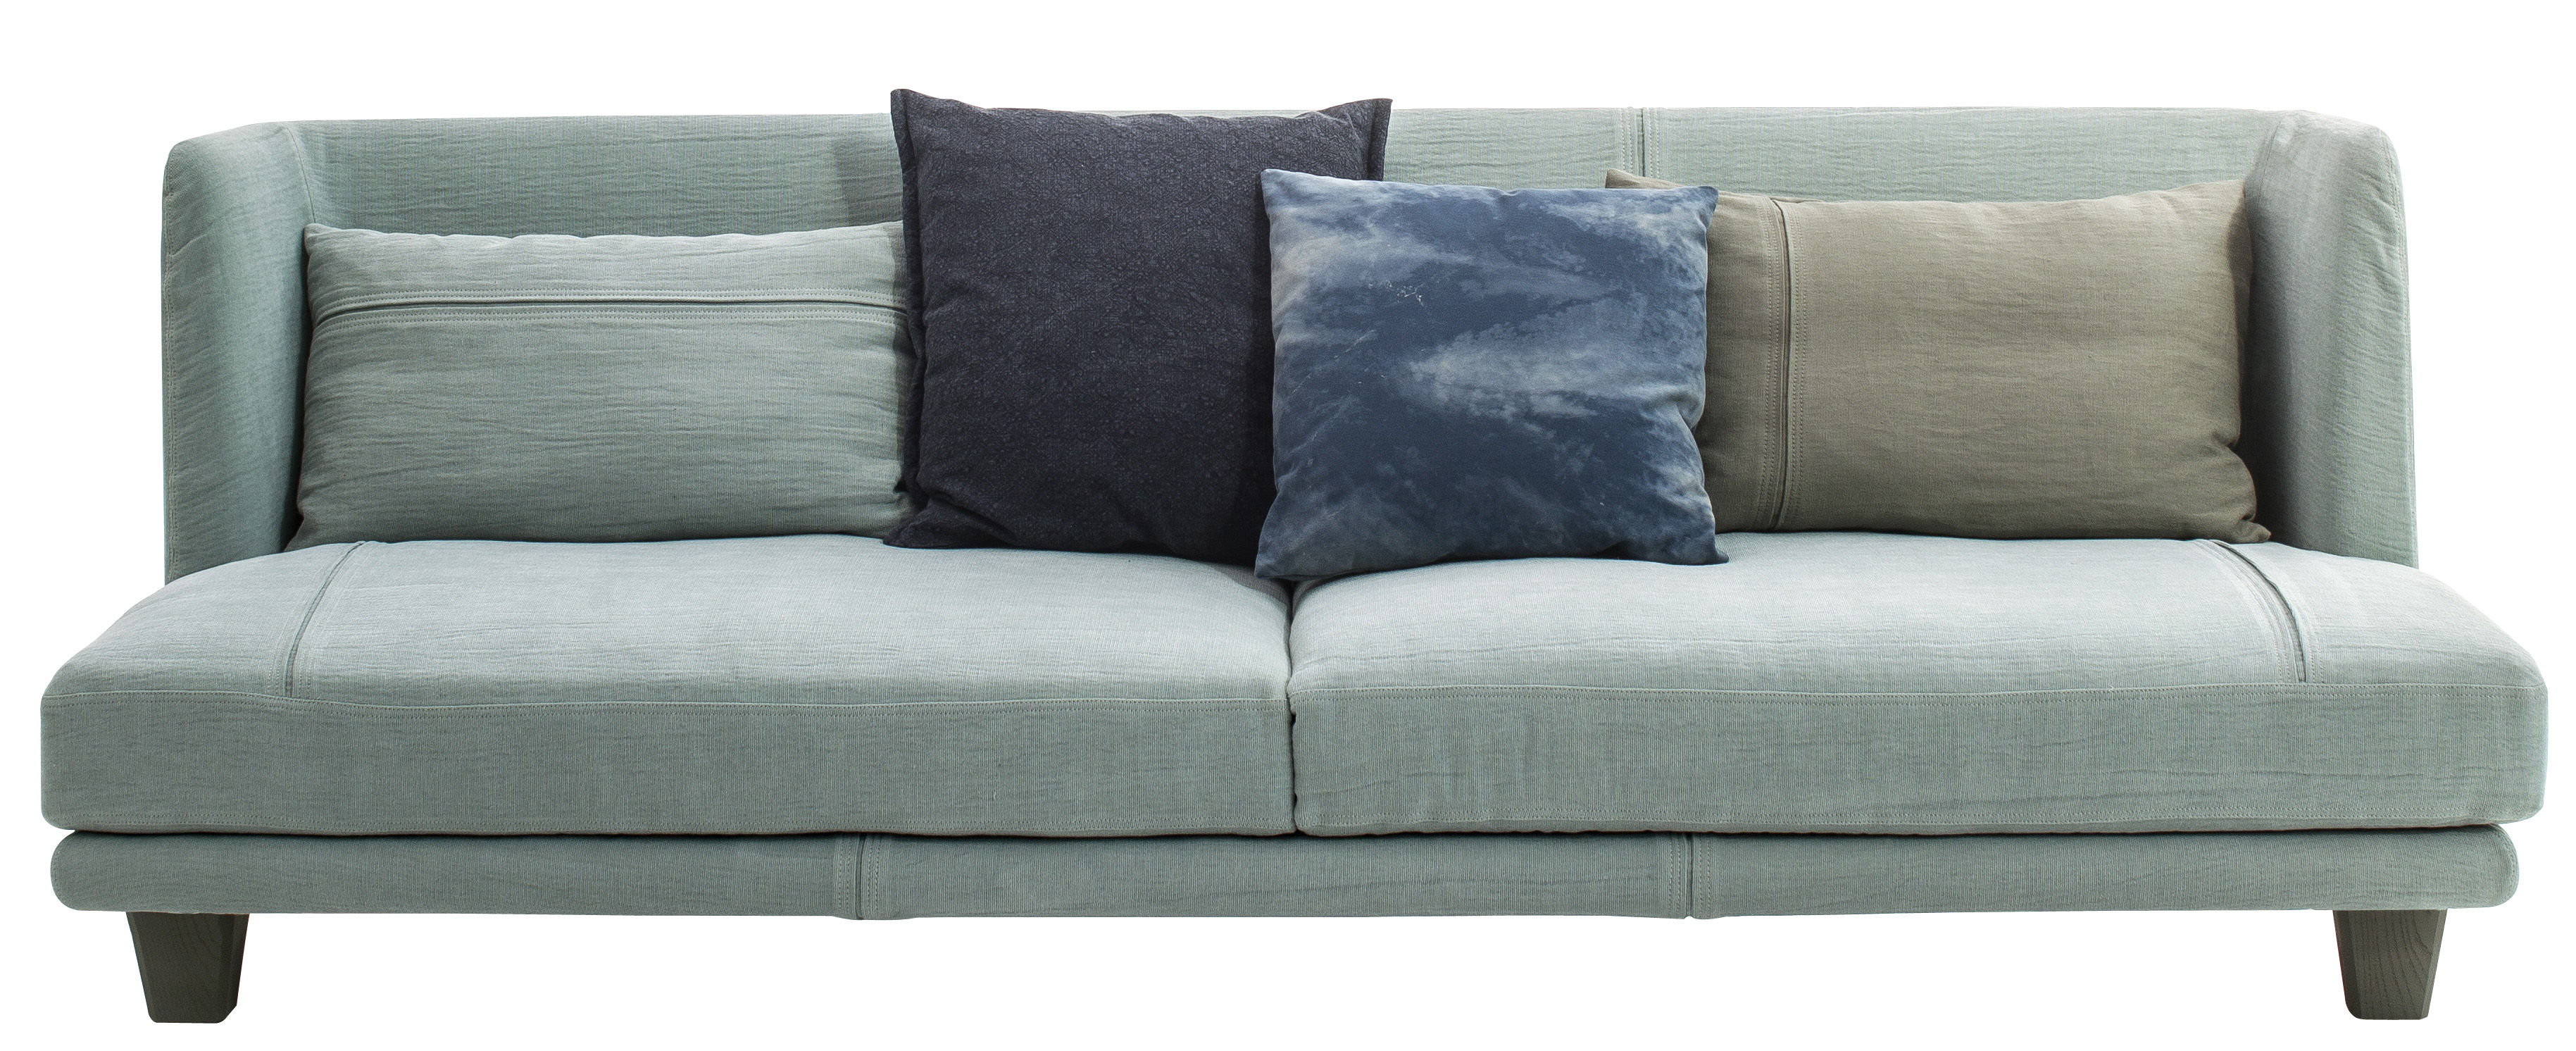 Arredamento - Divani moderni - Divano destro Gimme More - / L 240 - 3 posti di Diesel with Moroso - Blu cielo / Cuscini tonalità blu - Espanso, Legno, Tessuto